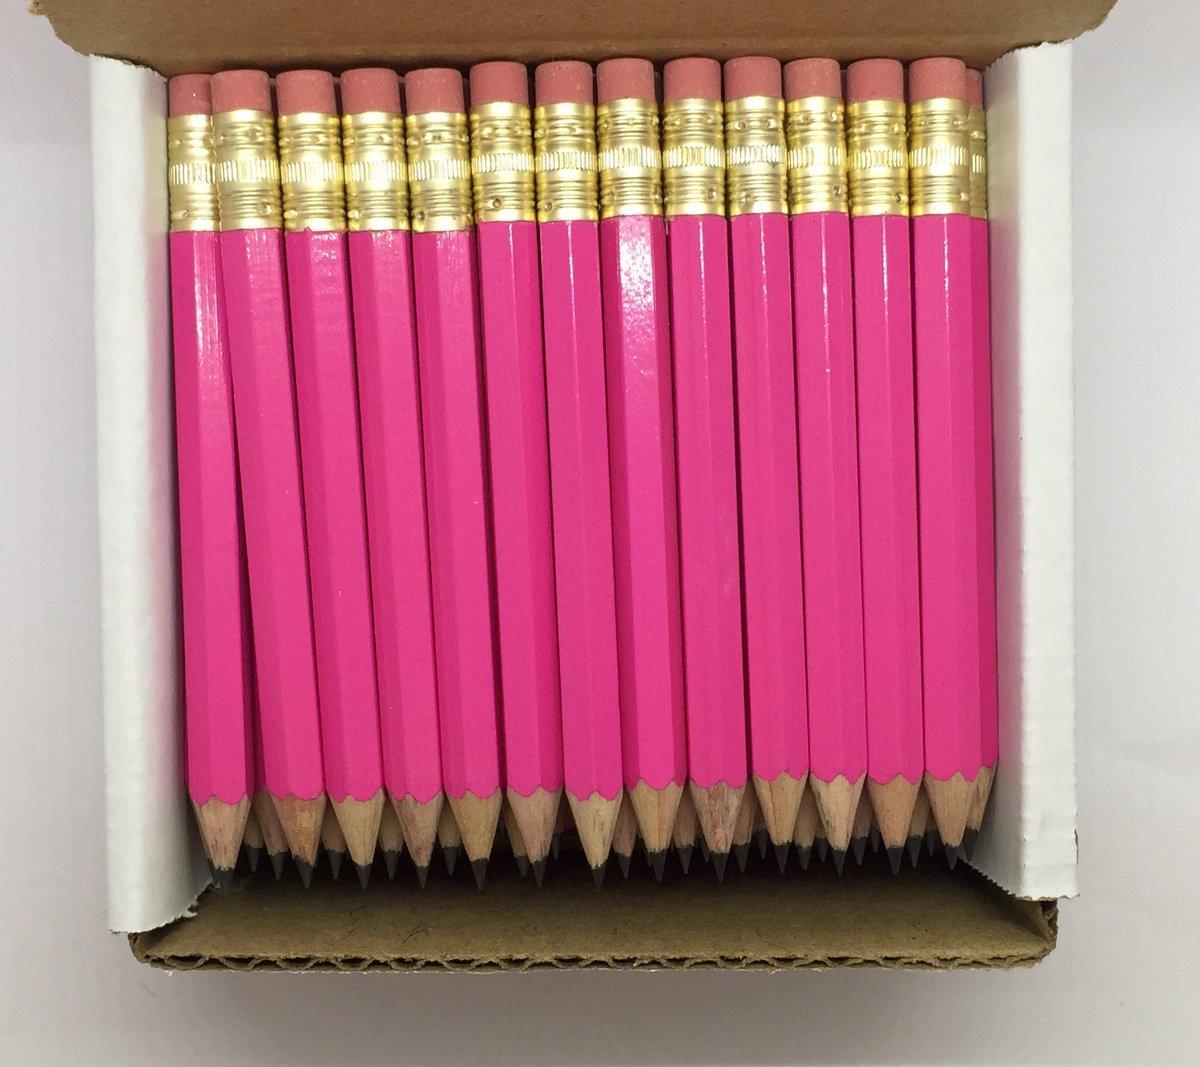 48 lapices de bolsillo #2 con goma color rosa